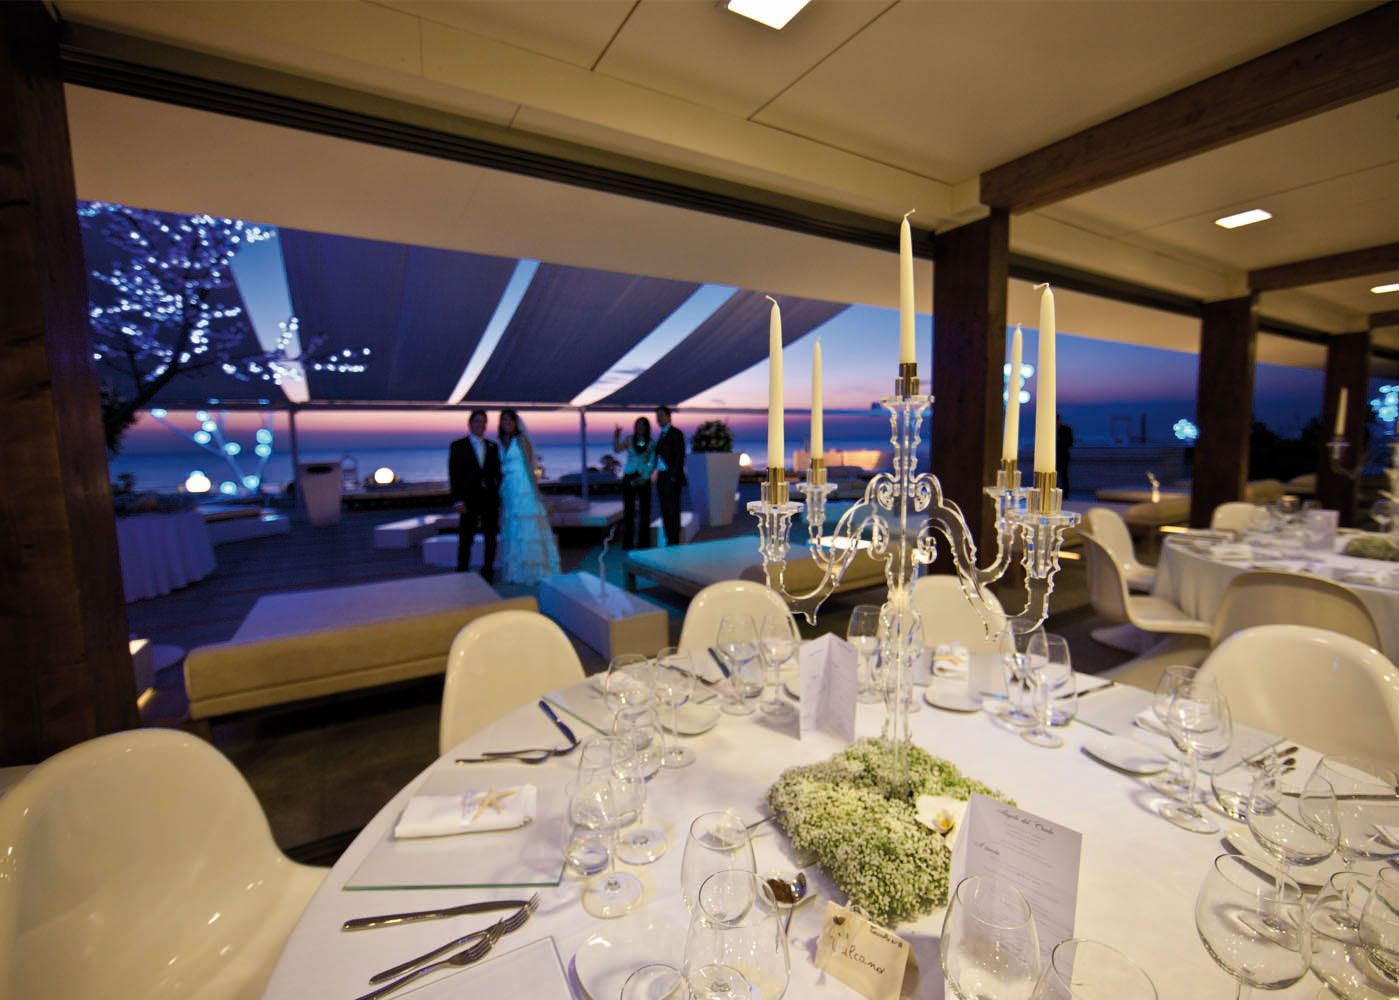 Matrimonio Spiaggia Napoli : Come organizzare un matrimonio in spiaggia a napoli